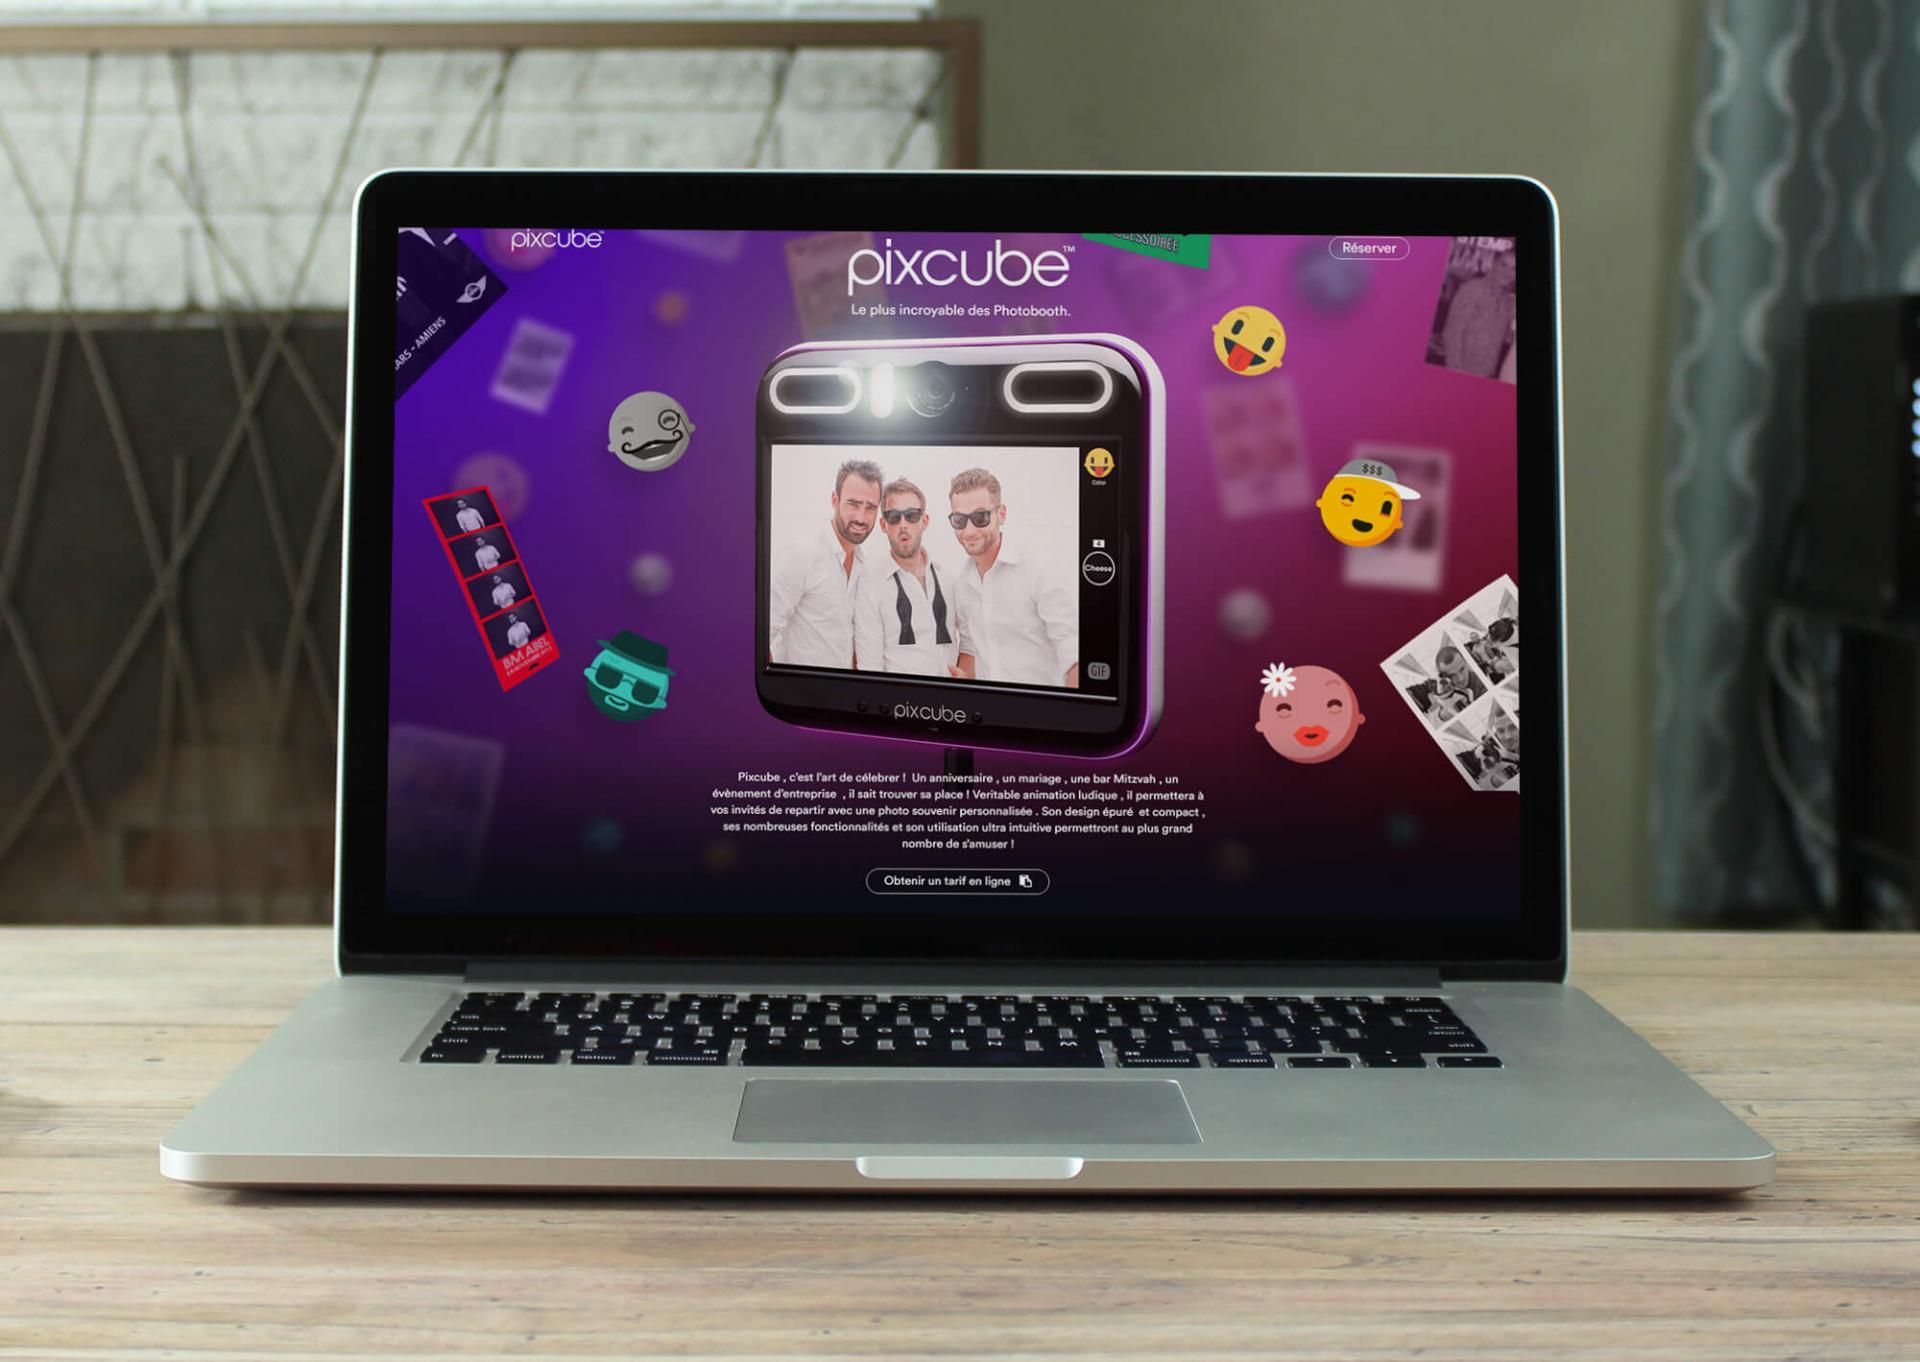 Visuels en format SVG sur le site de Pixcube